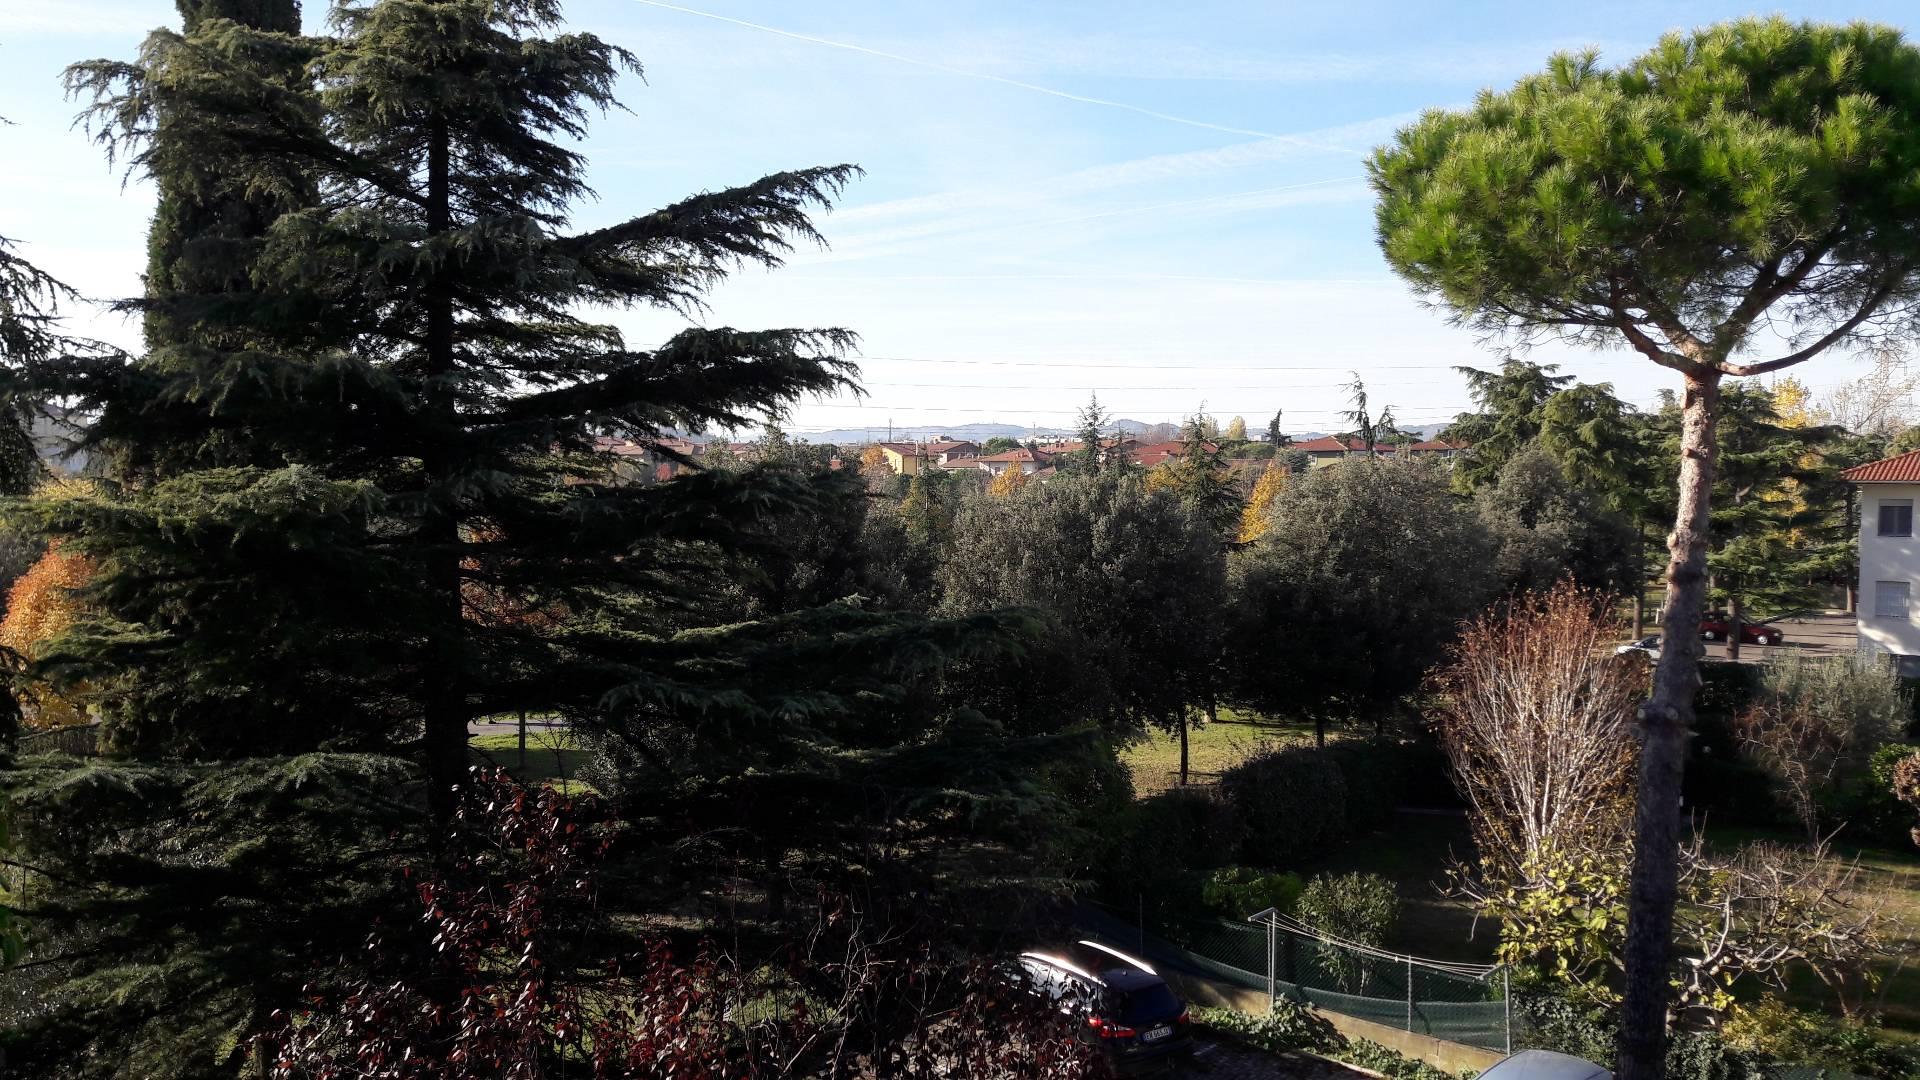 Appartamento in vendita a Cesena, 5 locali, zona Località: S.Egidio, prezzo € 212.000 | CambioCasa.it